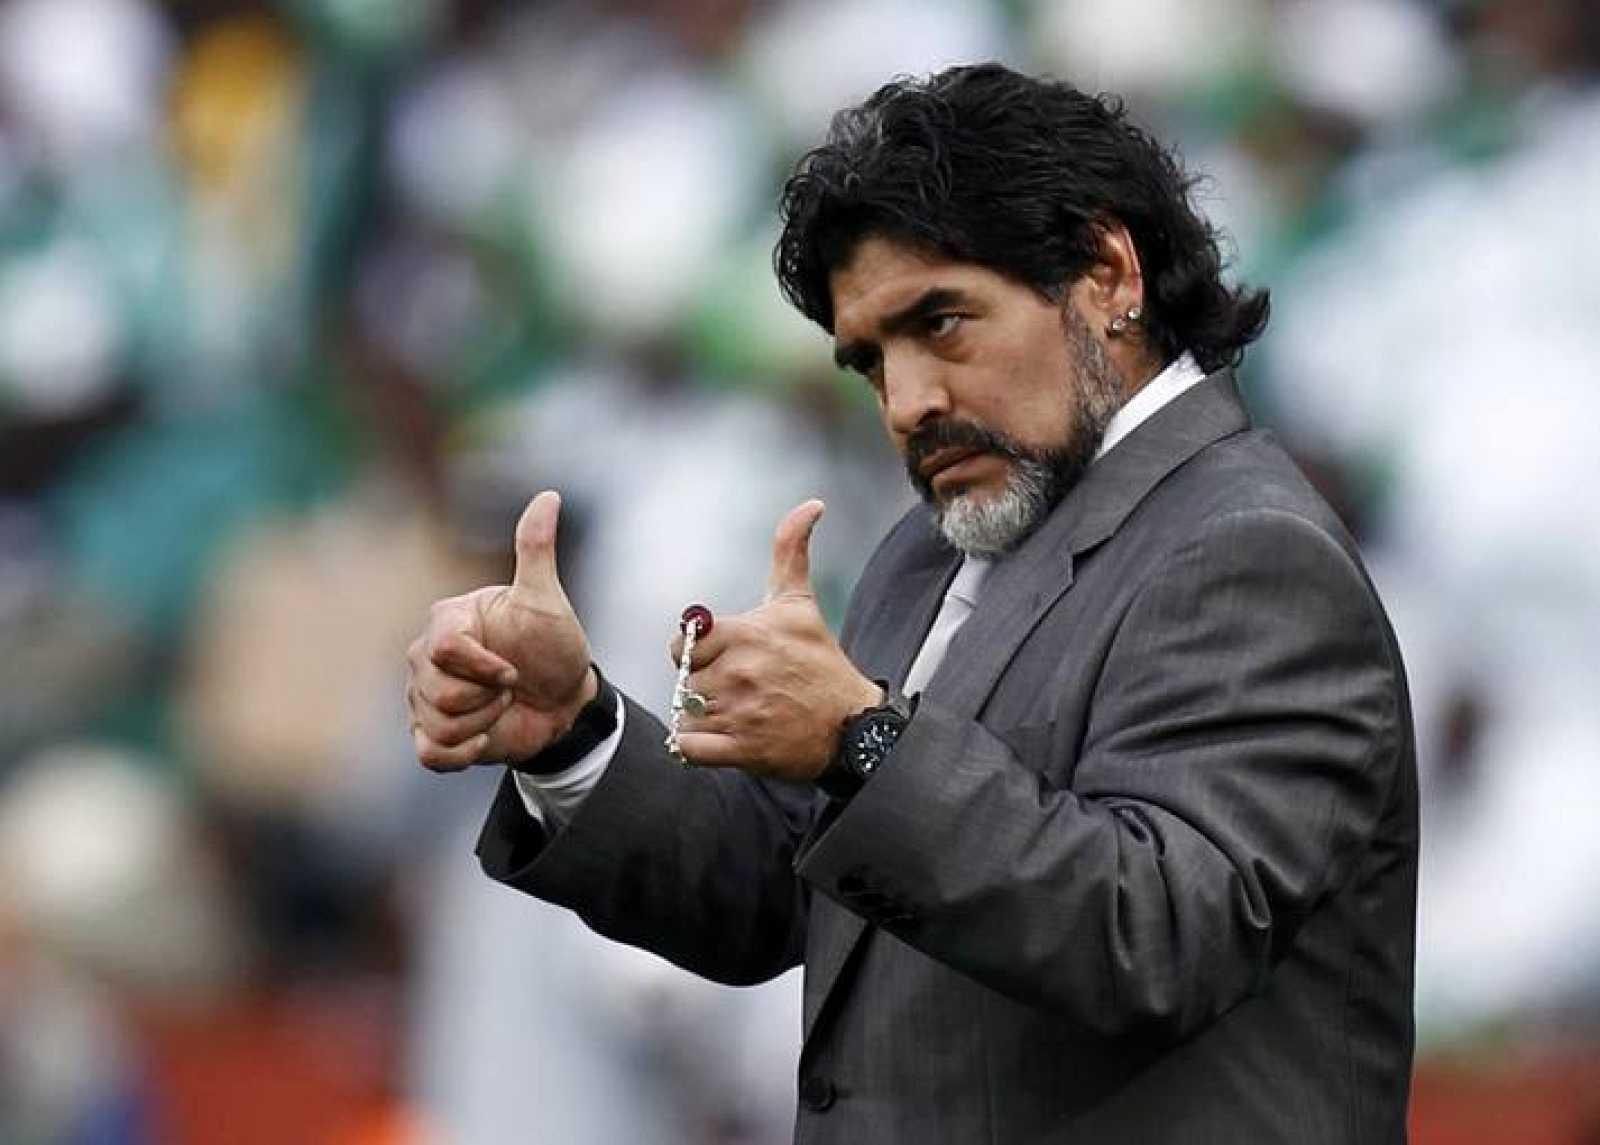 El elegante regreso de Maradona a un Mundial - RTVE.es 4d607ddd865aa